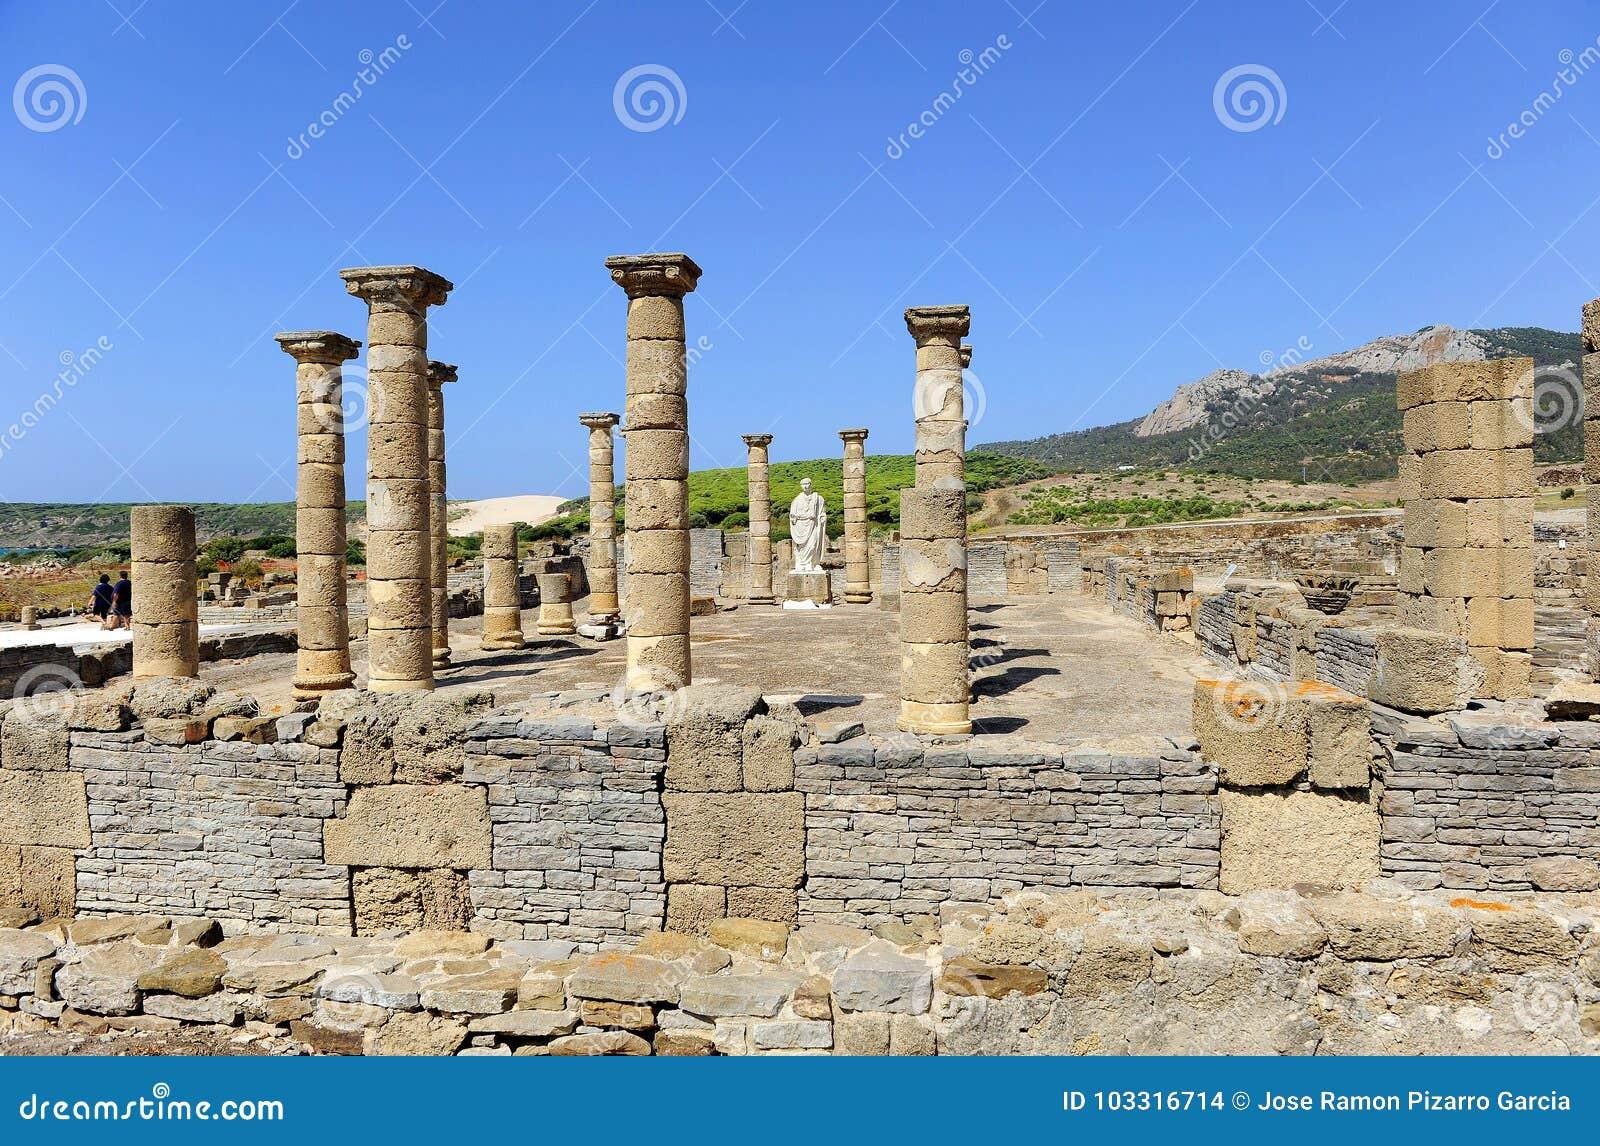 Archaeological site of Baelo Claudia, Tarifa, province of Cádiz, Spain